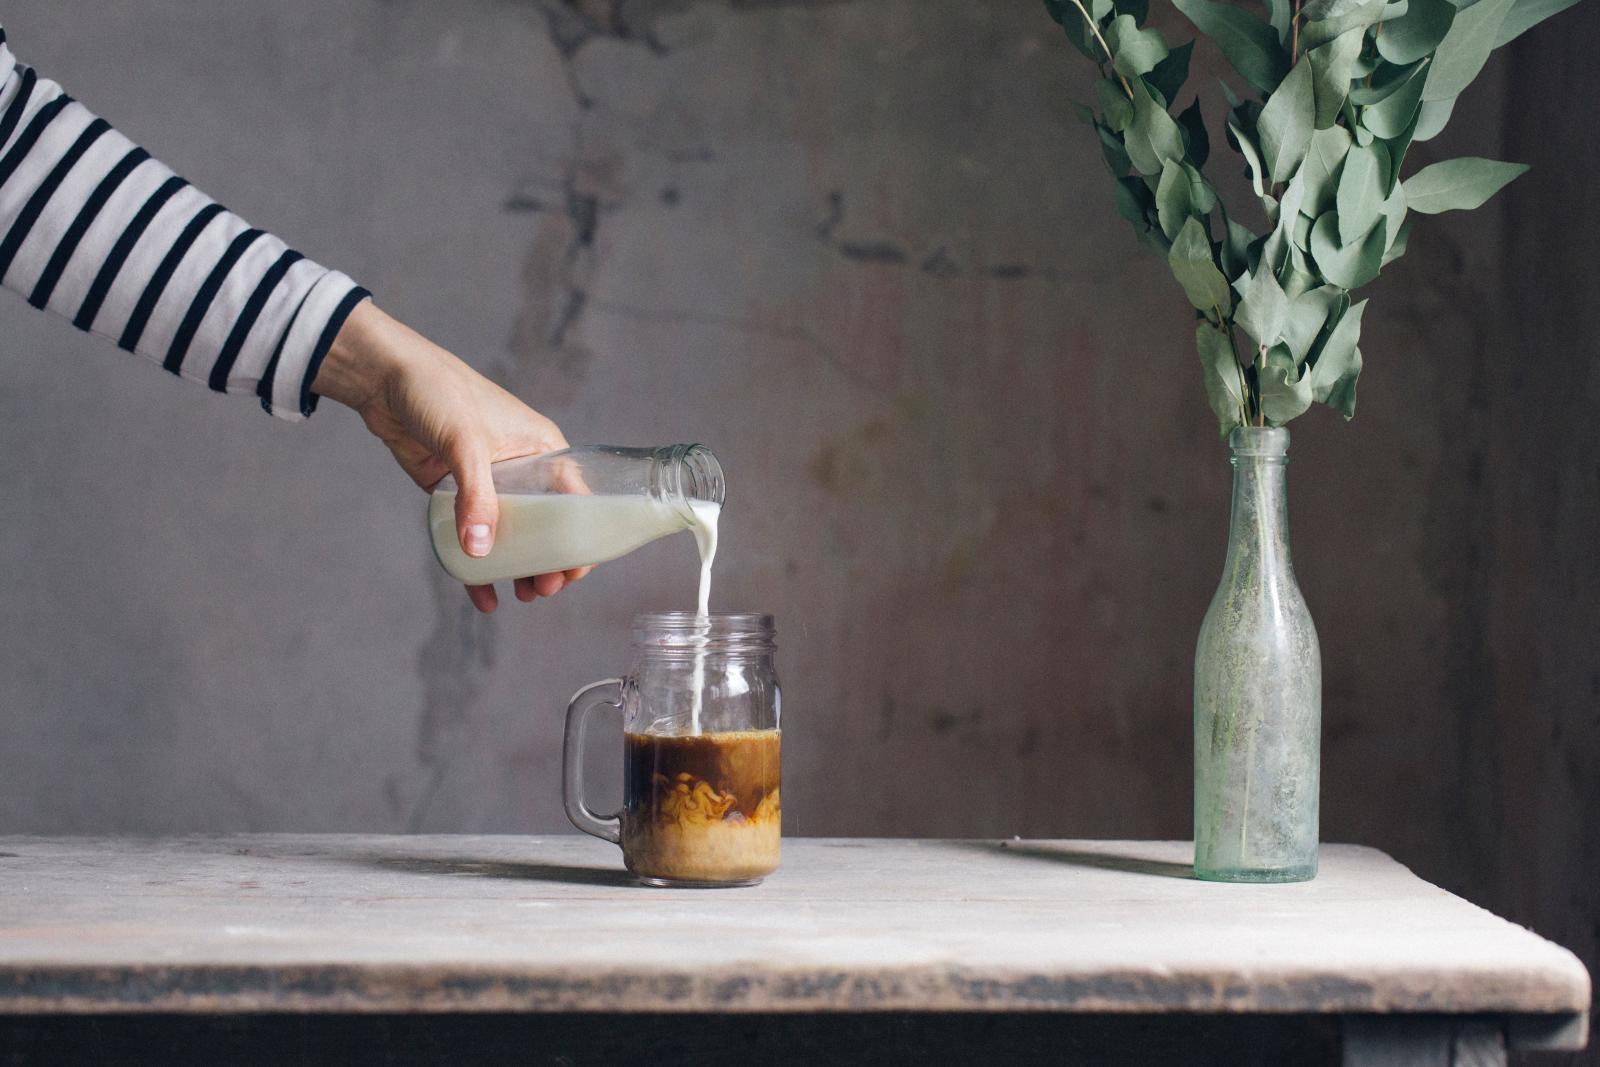 喝咖啡測個性!「黑咖啡」做事高效率、「卡布奇諾」重生活品味,完美主義者最愛「這個」!-10